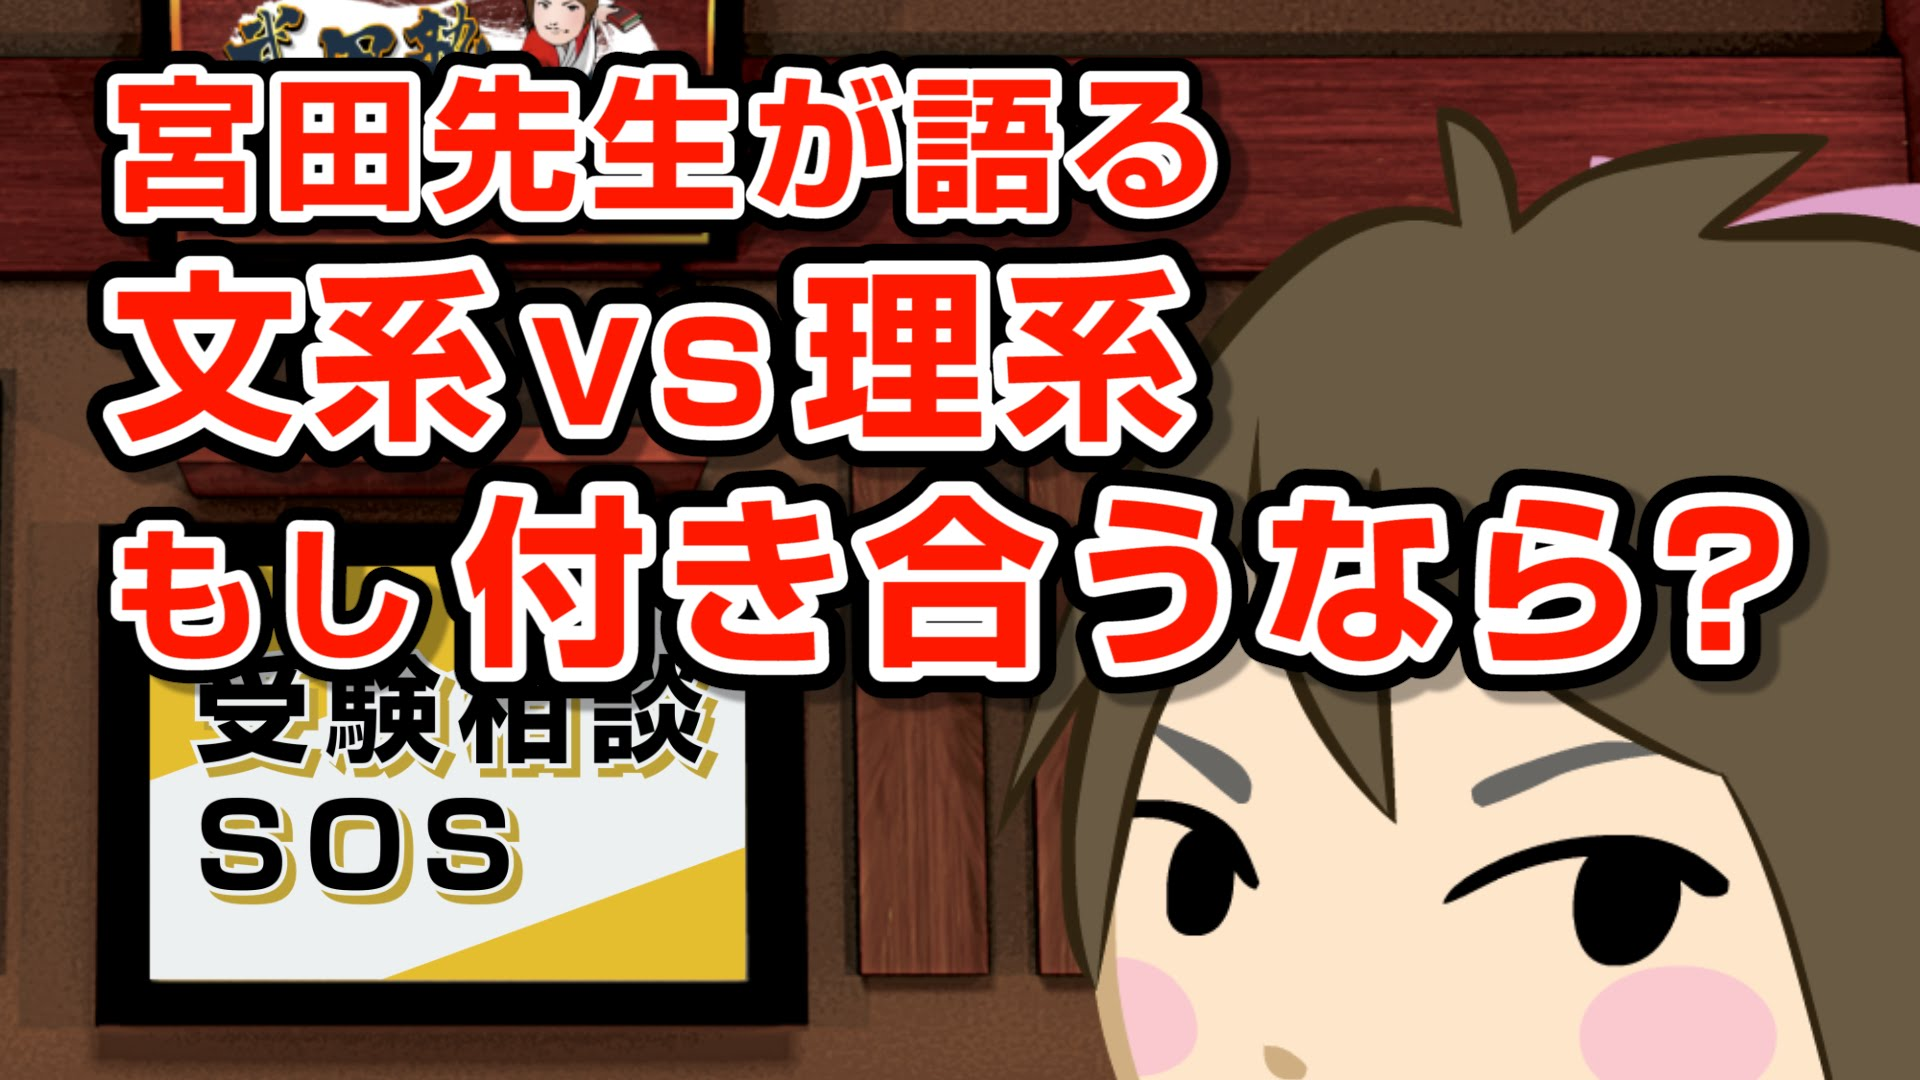 【vol.688】文系と理系、付き合うとしたら宮田先生はどちらを選びますか? (蔵出し未公開回!!)|受験相談SOS